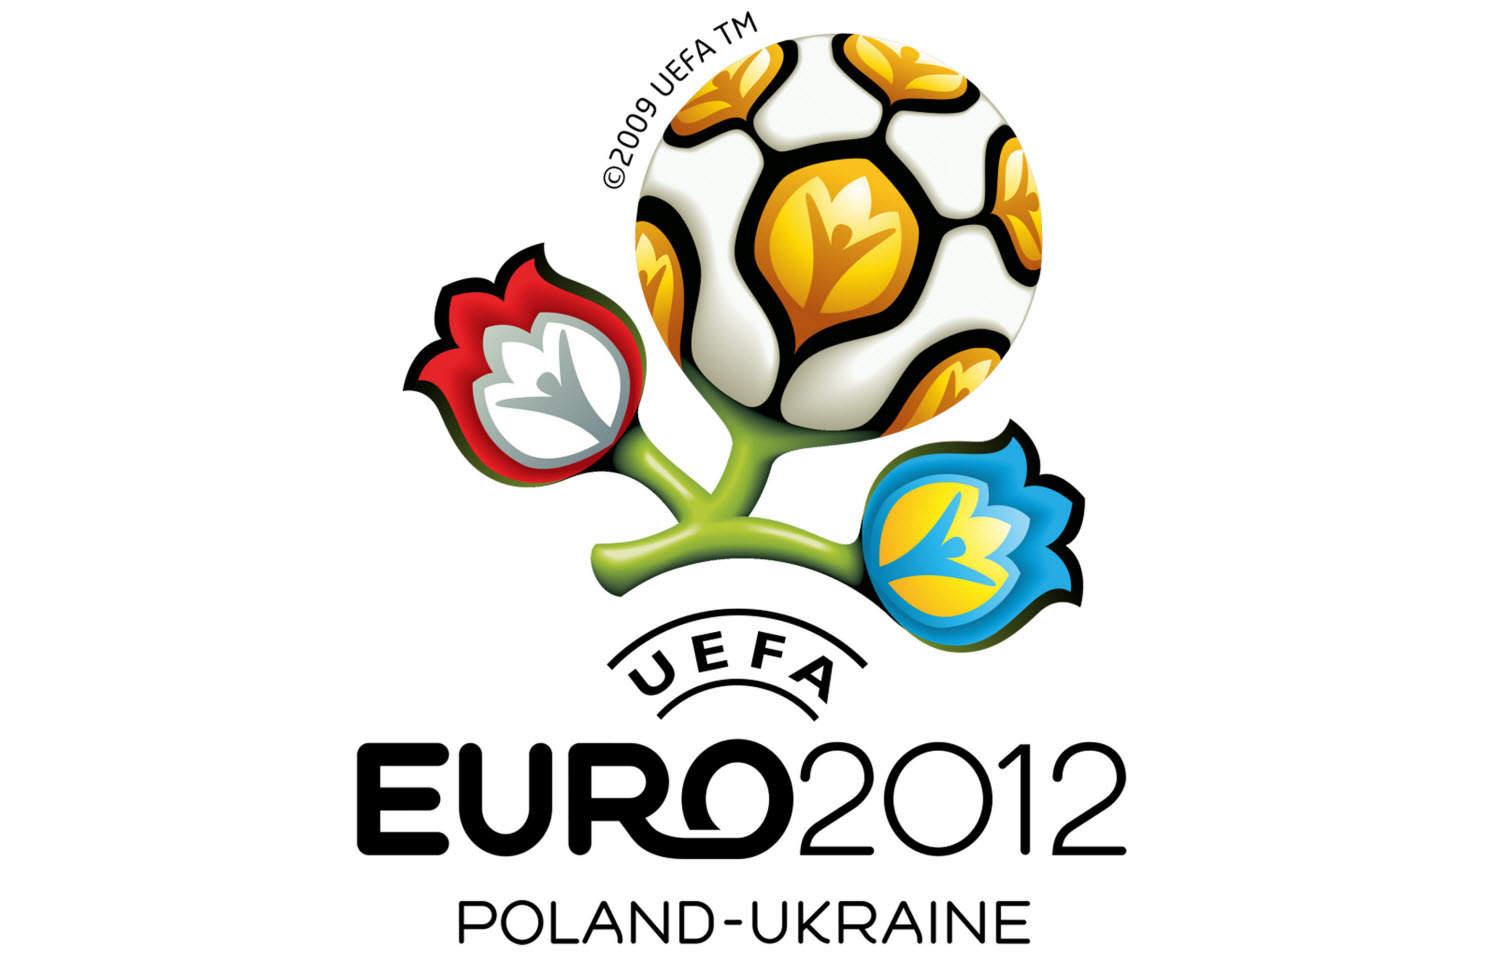 http://4.bp.blogspot.com/-SETsygt6IkU/T7Pq-V_OM-I/AAAAAAAACHo/f5tOyq1yAEA/s1600/euro_2012%20(3).jpg